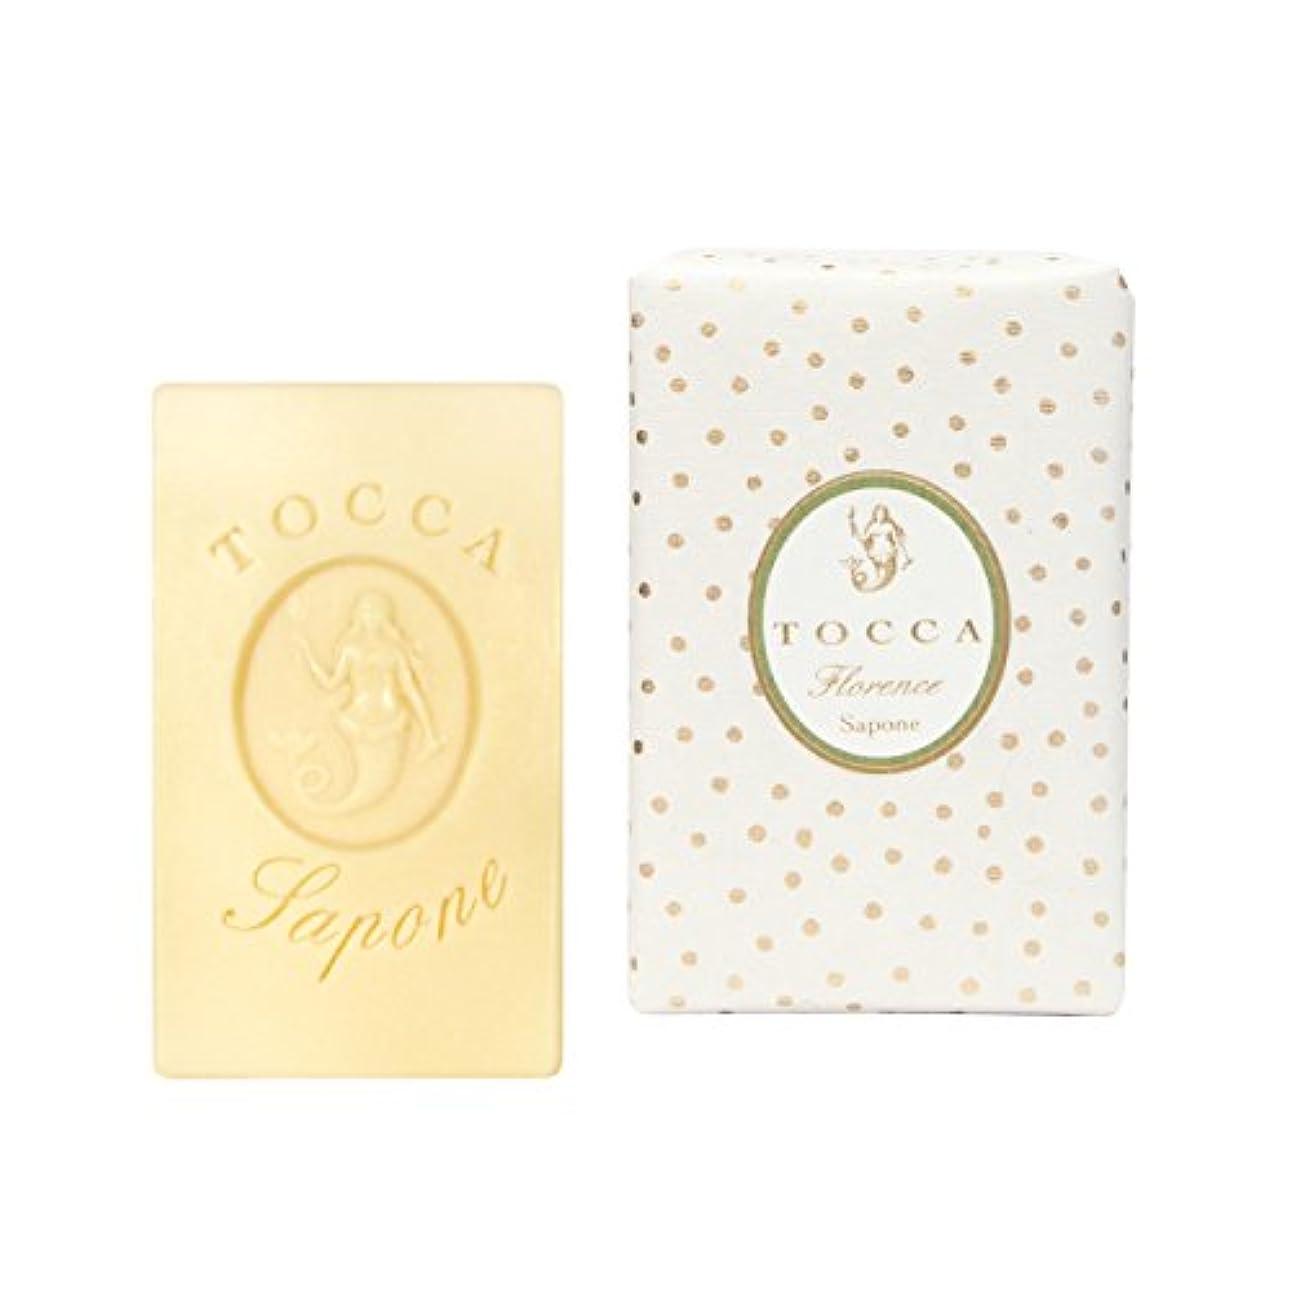 トーンダンプ例外トッカ(TOCCA) ソープバーフローレンスの香り 113g(石けん 化粧石けん ガーデニアとベルガモットが誘うように溶け合うどこまでも上品なフローラルの香り)